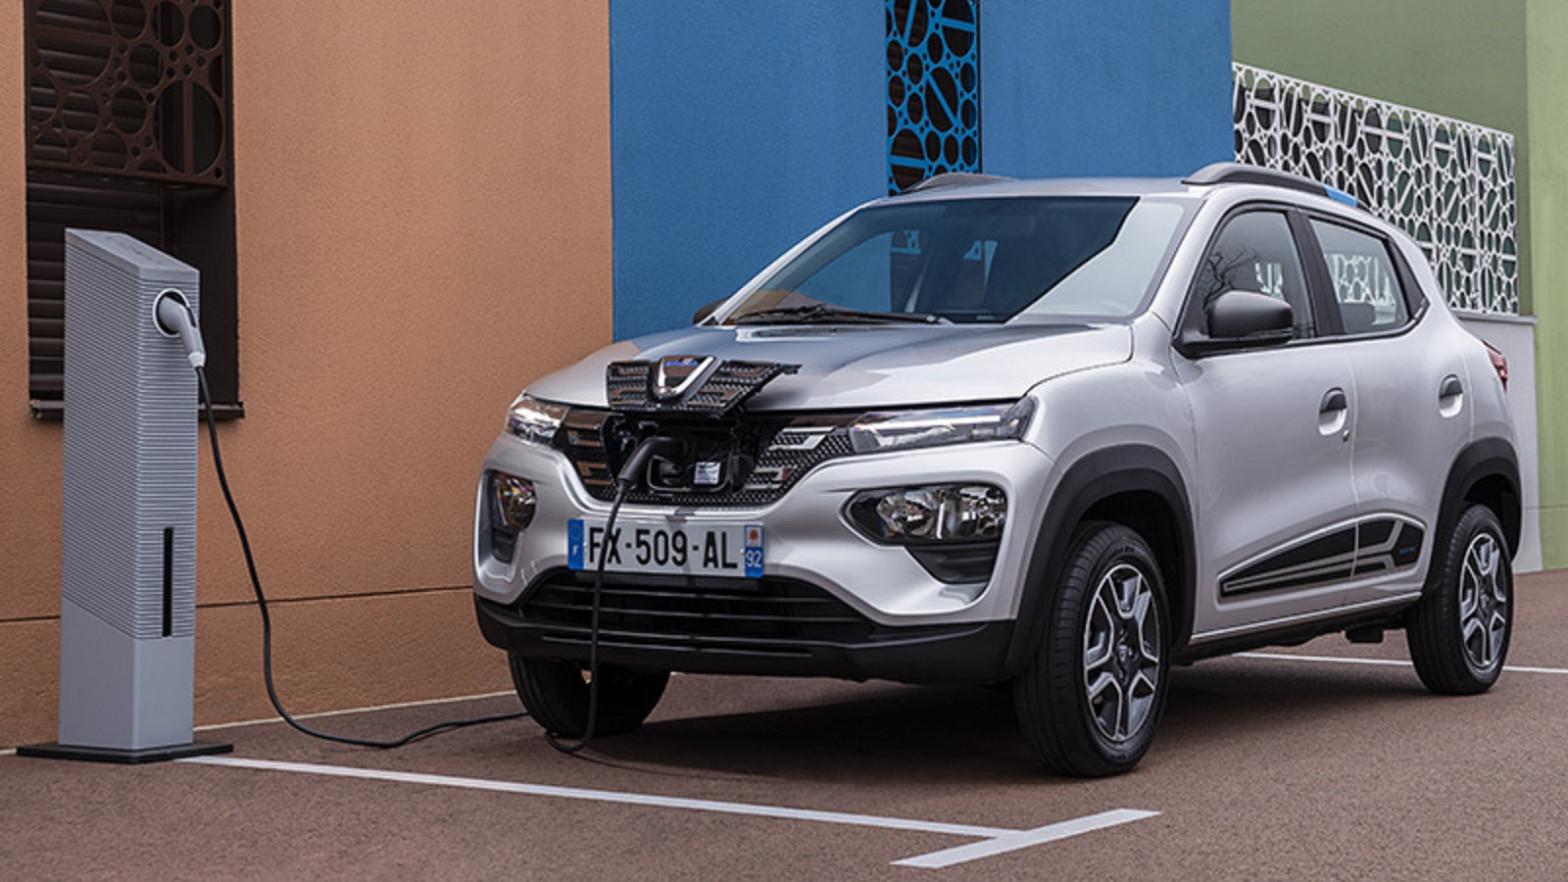 Dacia rompe el mercado con el turismo eléctrico más barato: costará 10.000 euros